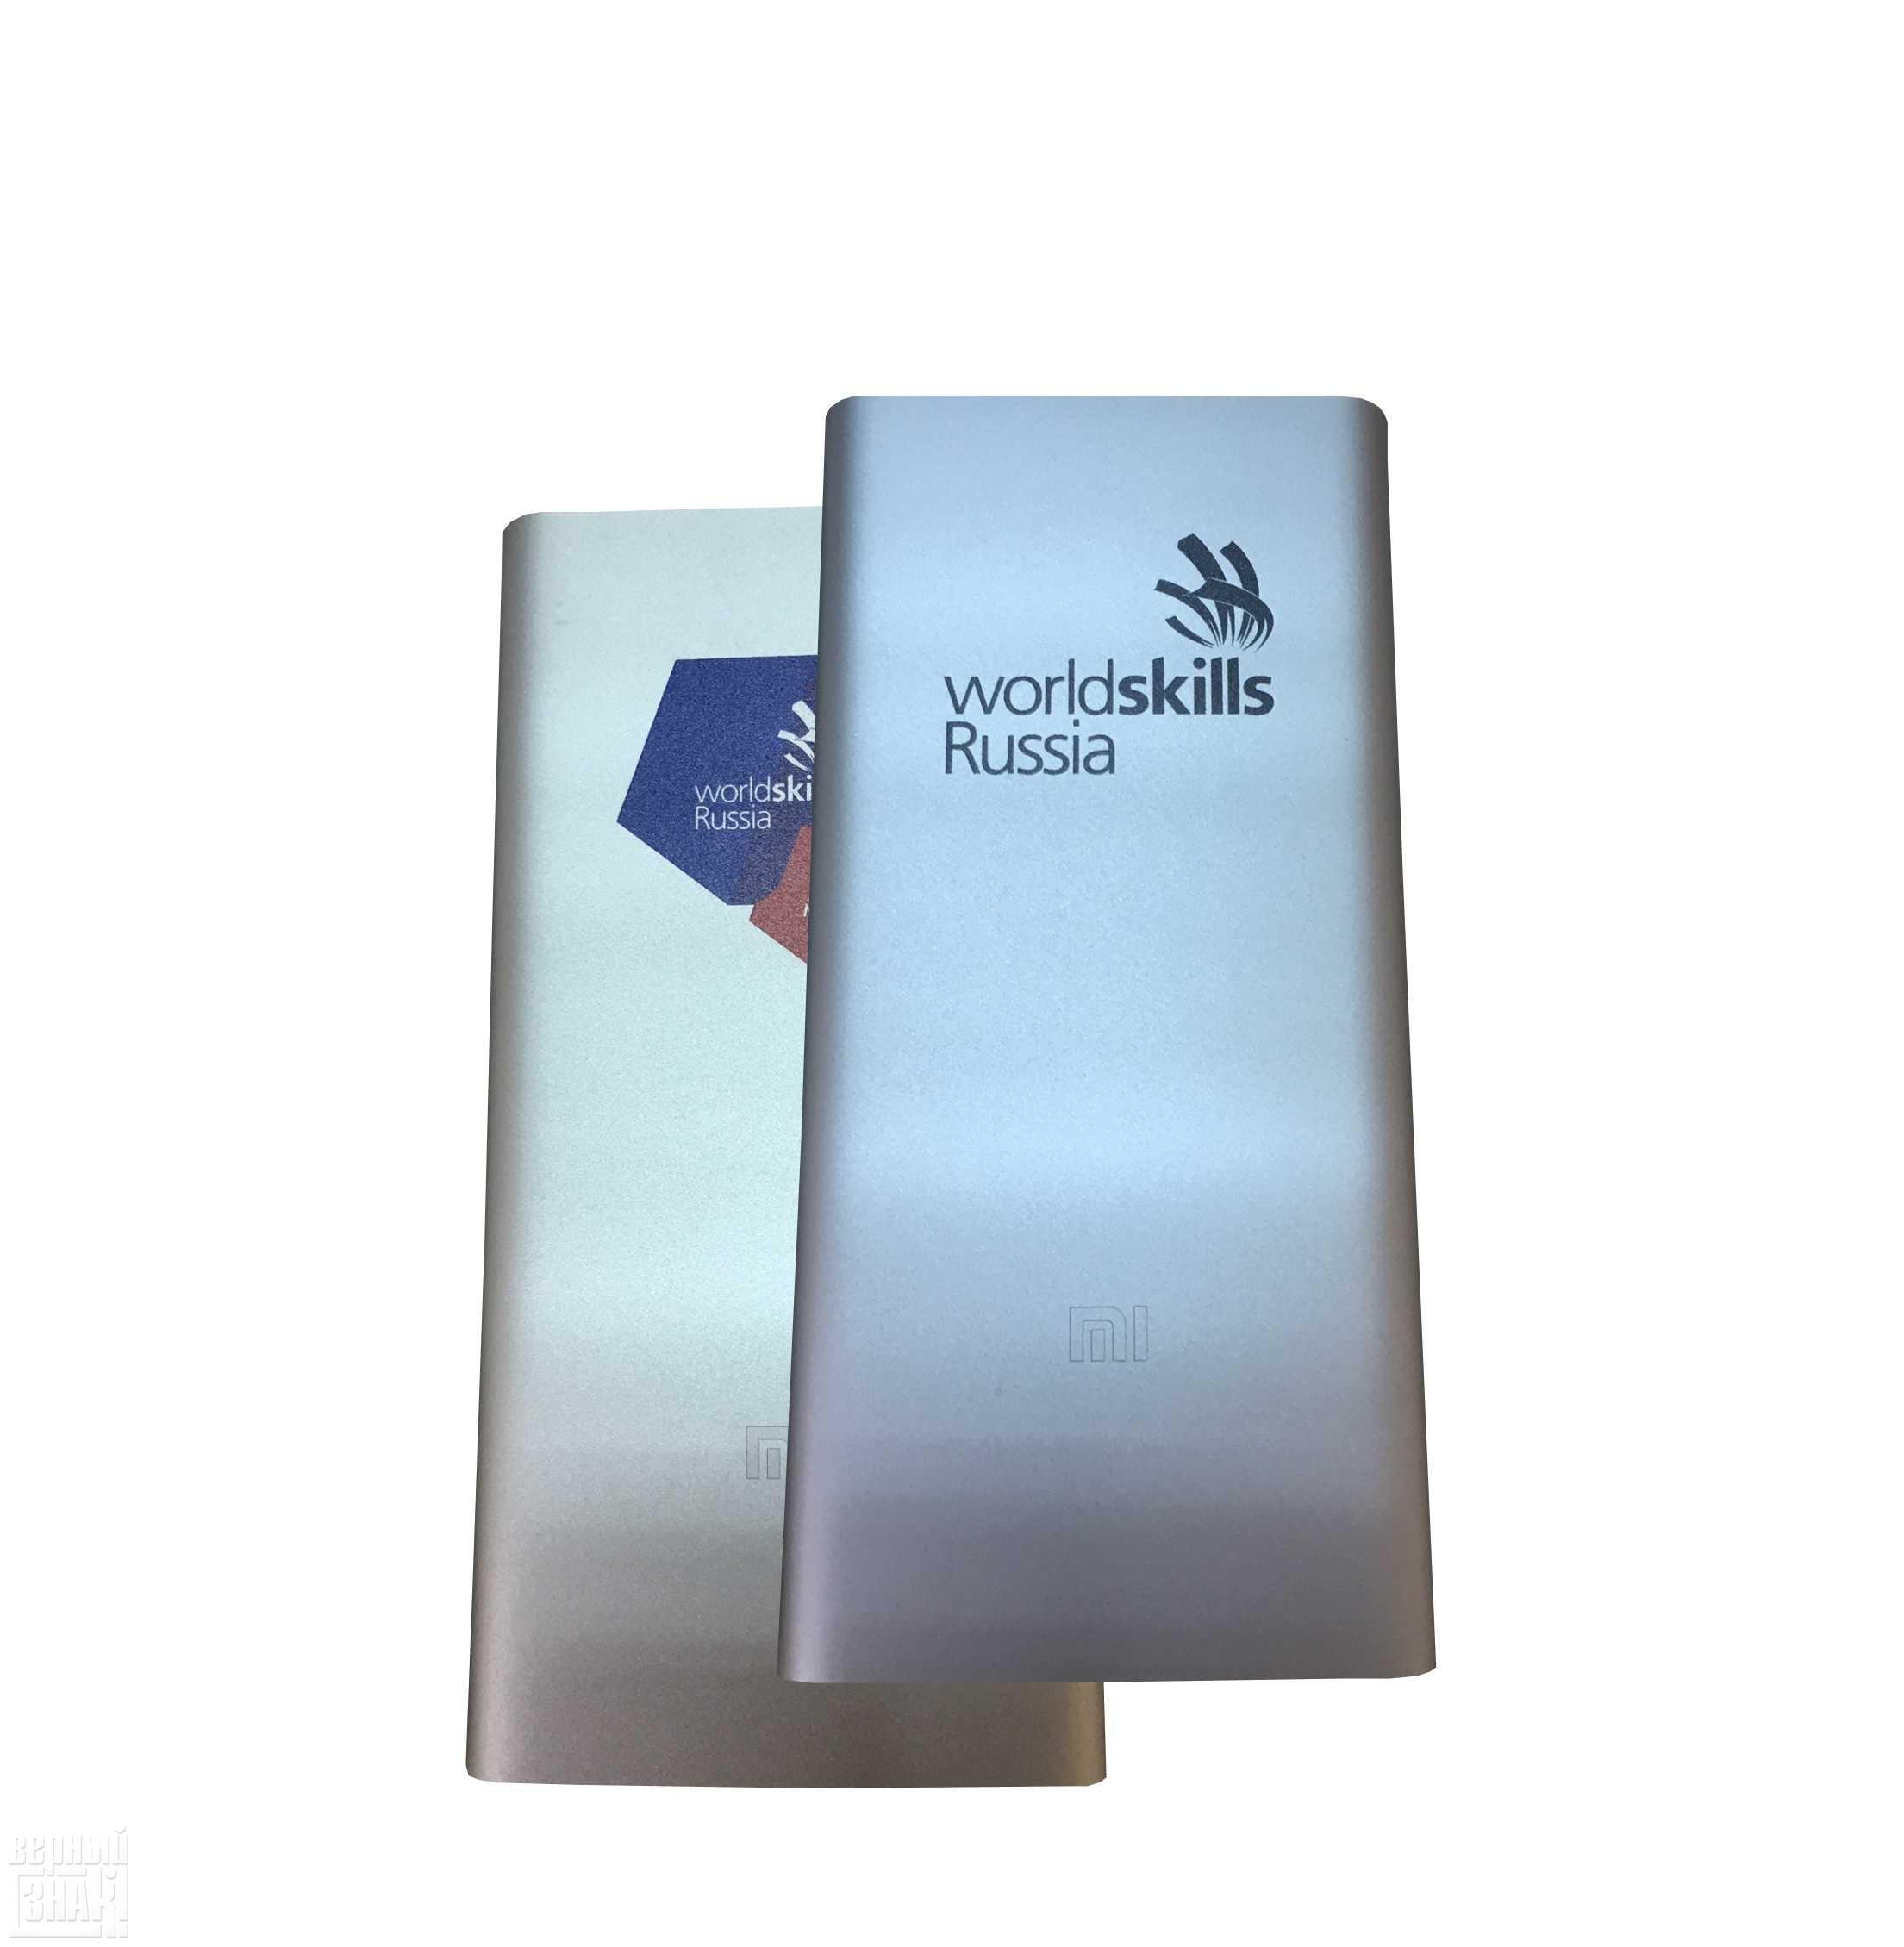 Уф печать power bank WorldSkills